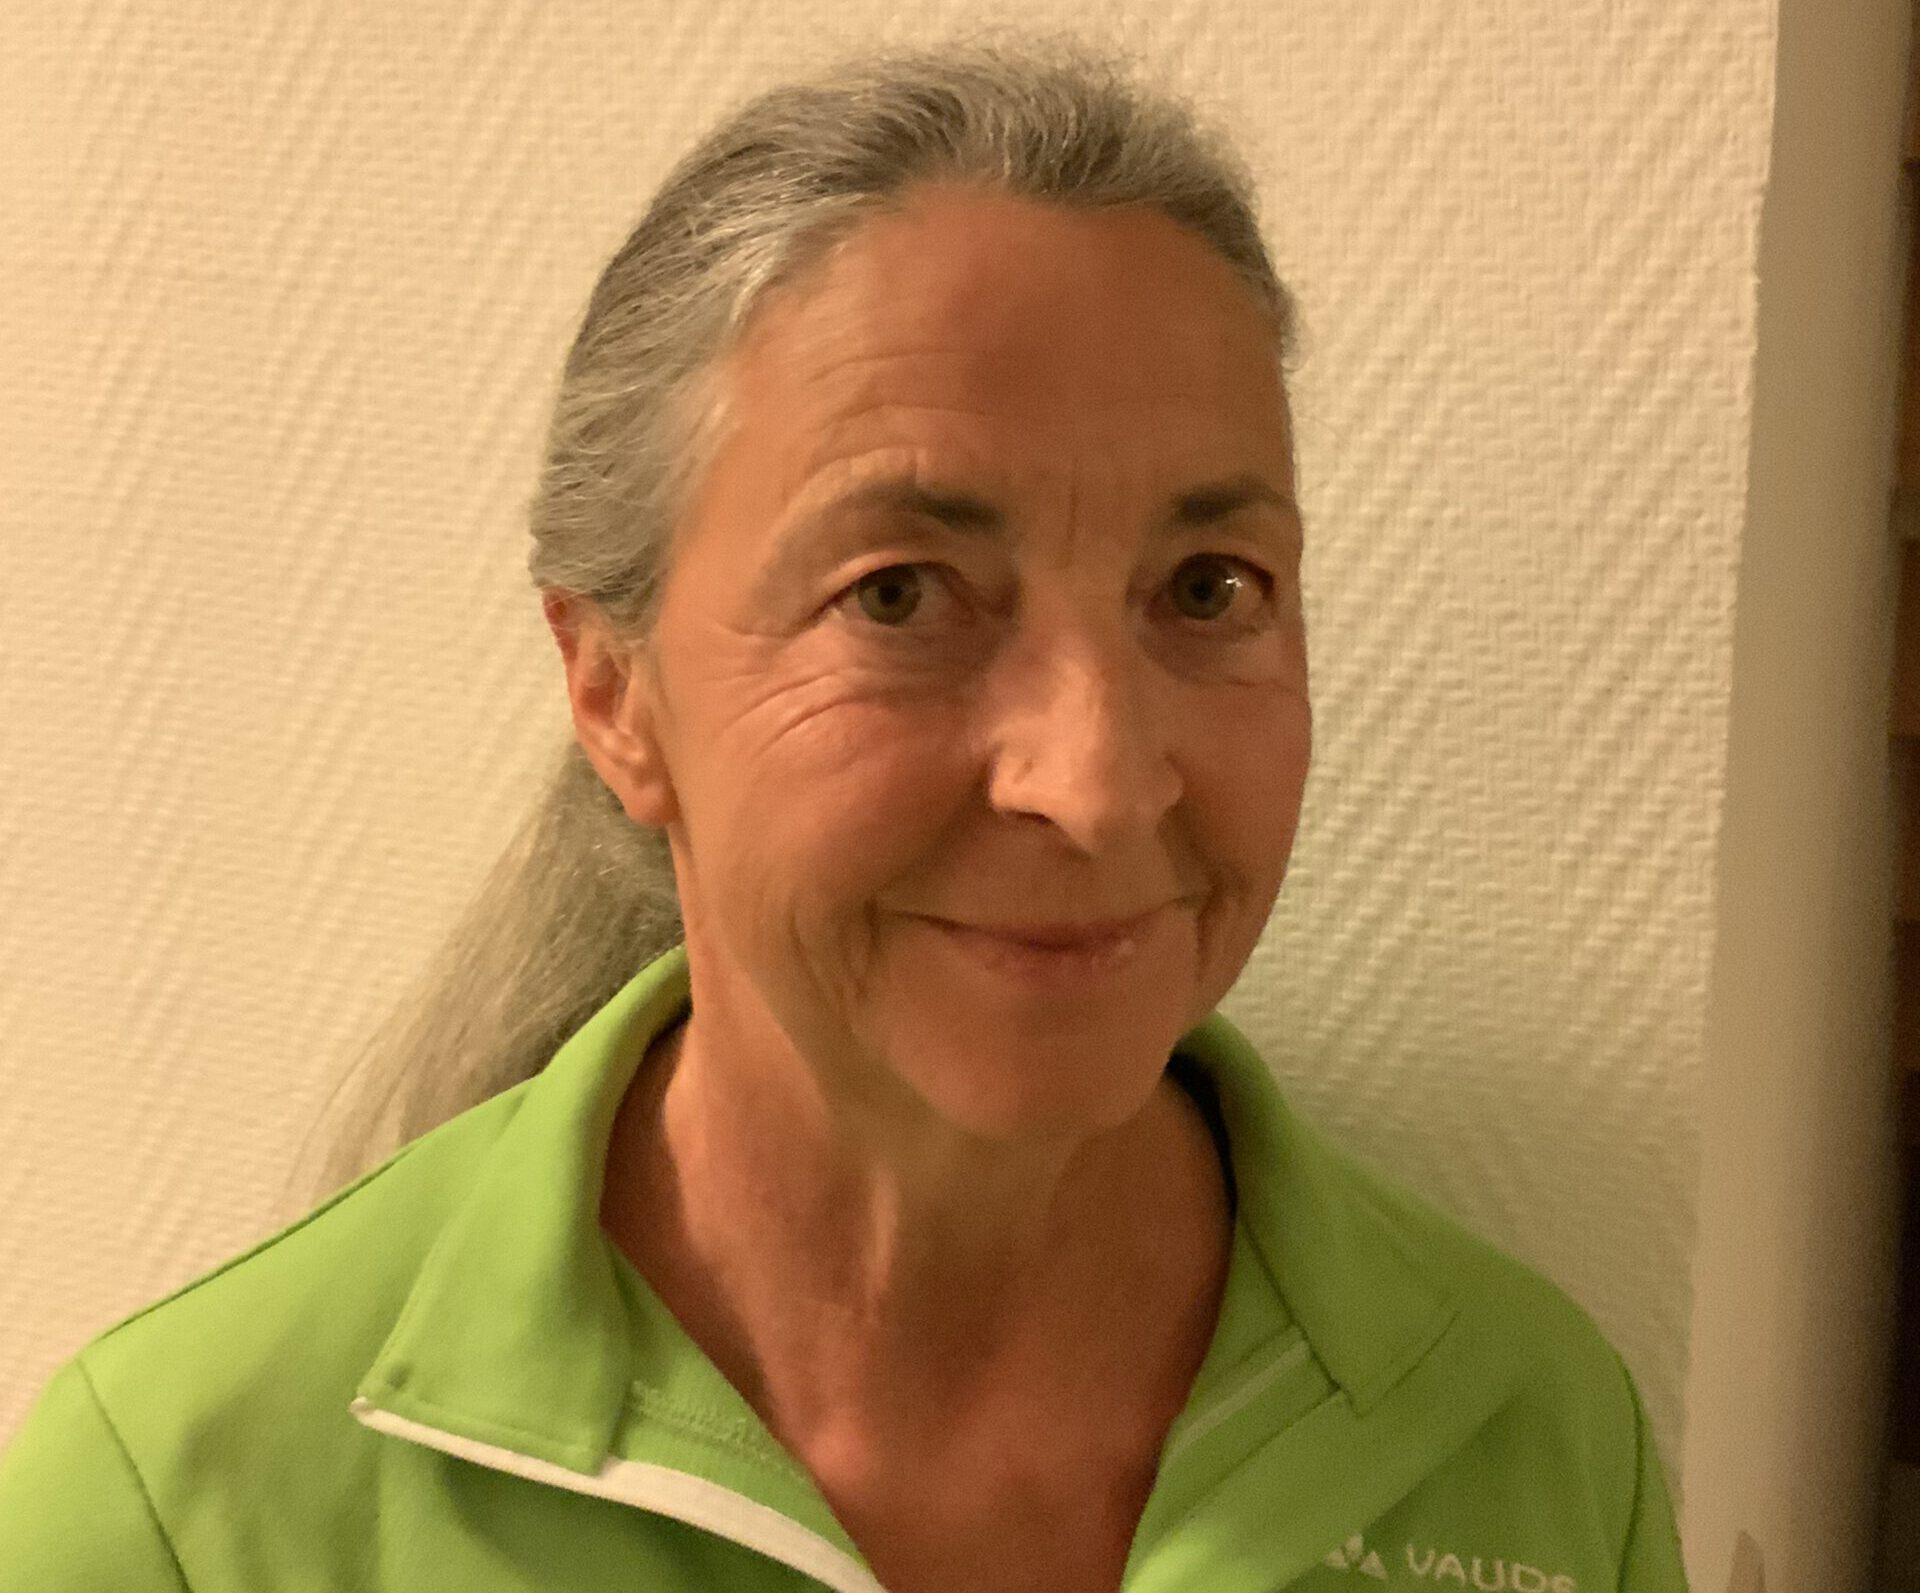 Die Direktkandidatin Grundhild Jahn (Bündnis 90/Die Grünen) beantwortet heute die Fragen von gatersleben.info zur Landtagswahl am 6. Juni